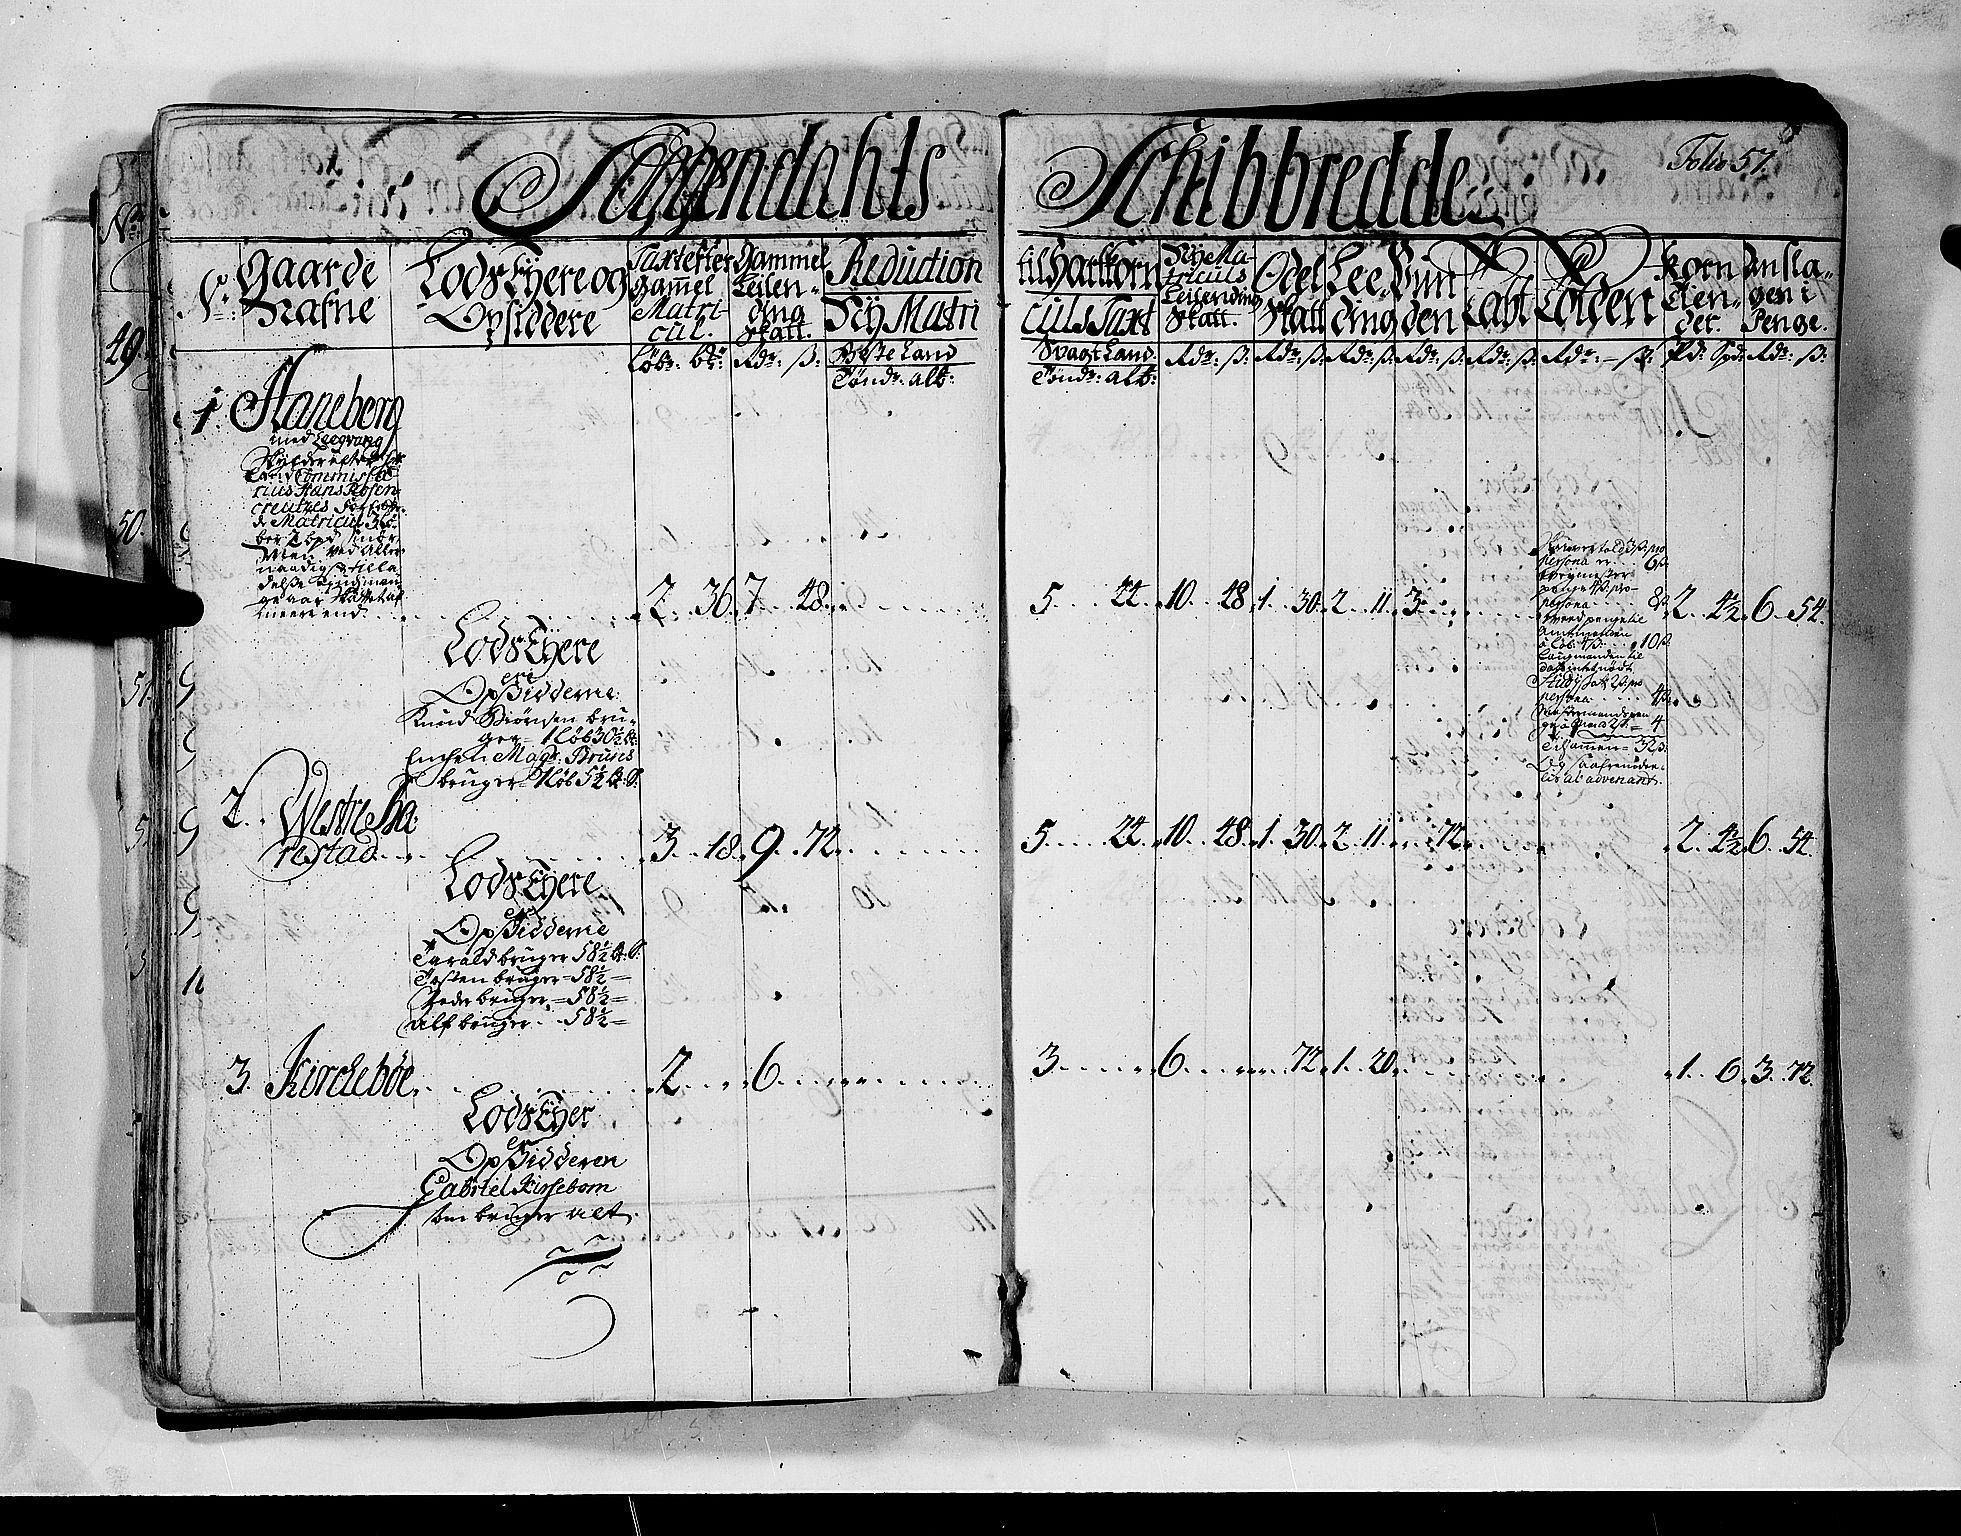 RA, Rentekammeret inntil 1814, Realistisk ordnet avdeling, N/Nb/Nbf/L0132: Jæren og Dalane matrikkelprotokoll, 1723, s. 56b-57a